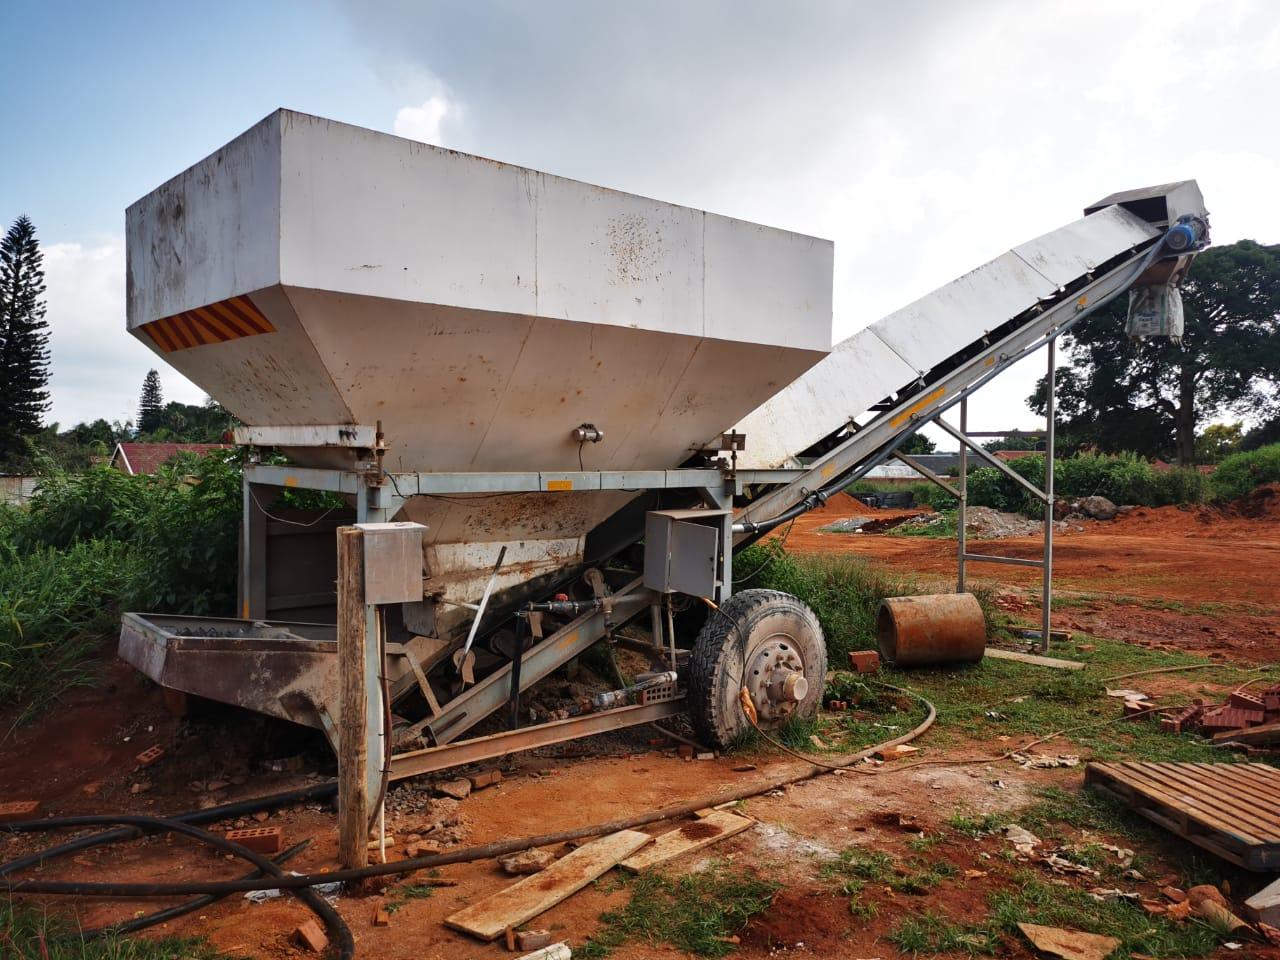 Mobile Concrete Batch Plant WITH Tata Novus concrete truck for Sale!